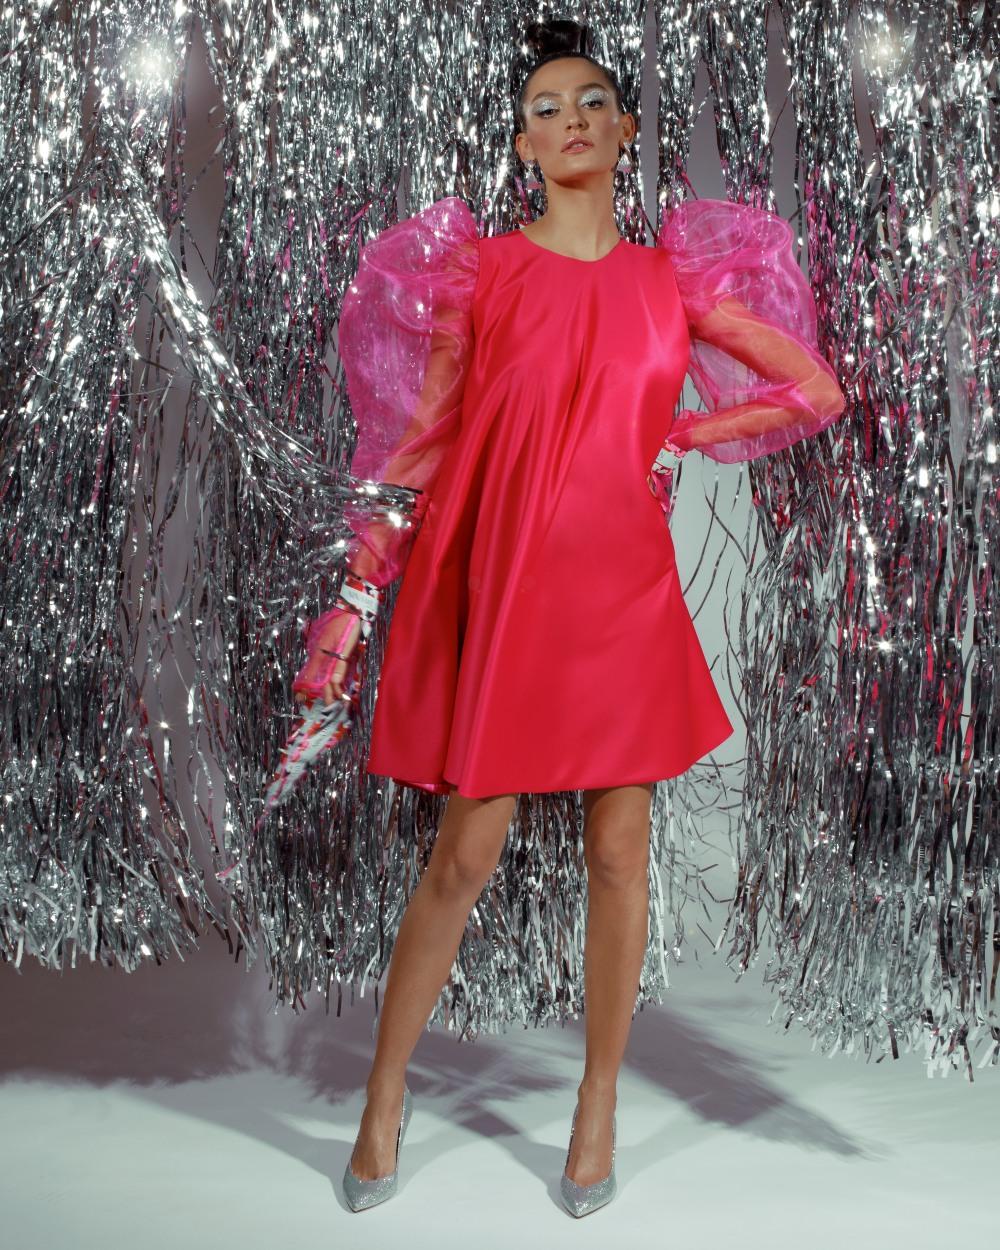 organdin Party season is on: Najzabavnije haljine u kojima je dobar provod zagarantovan!